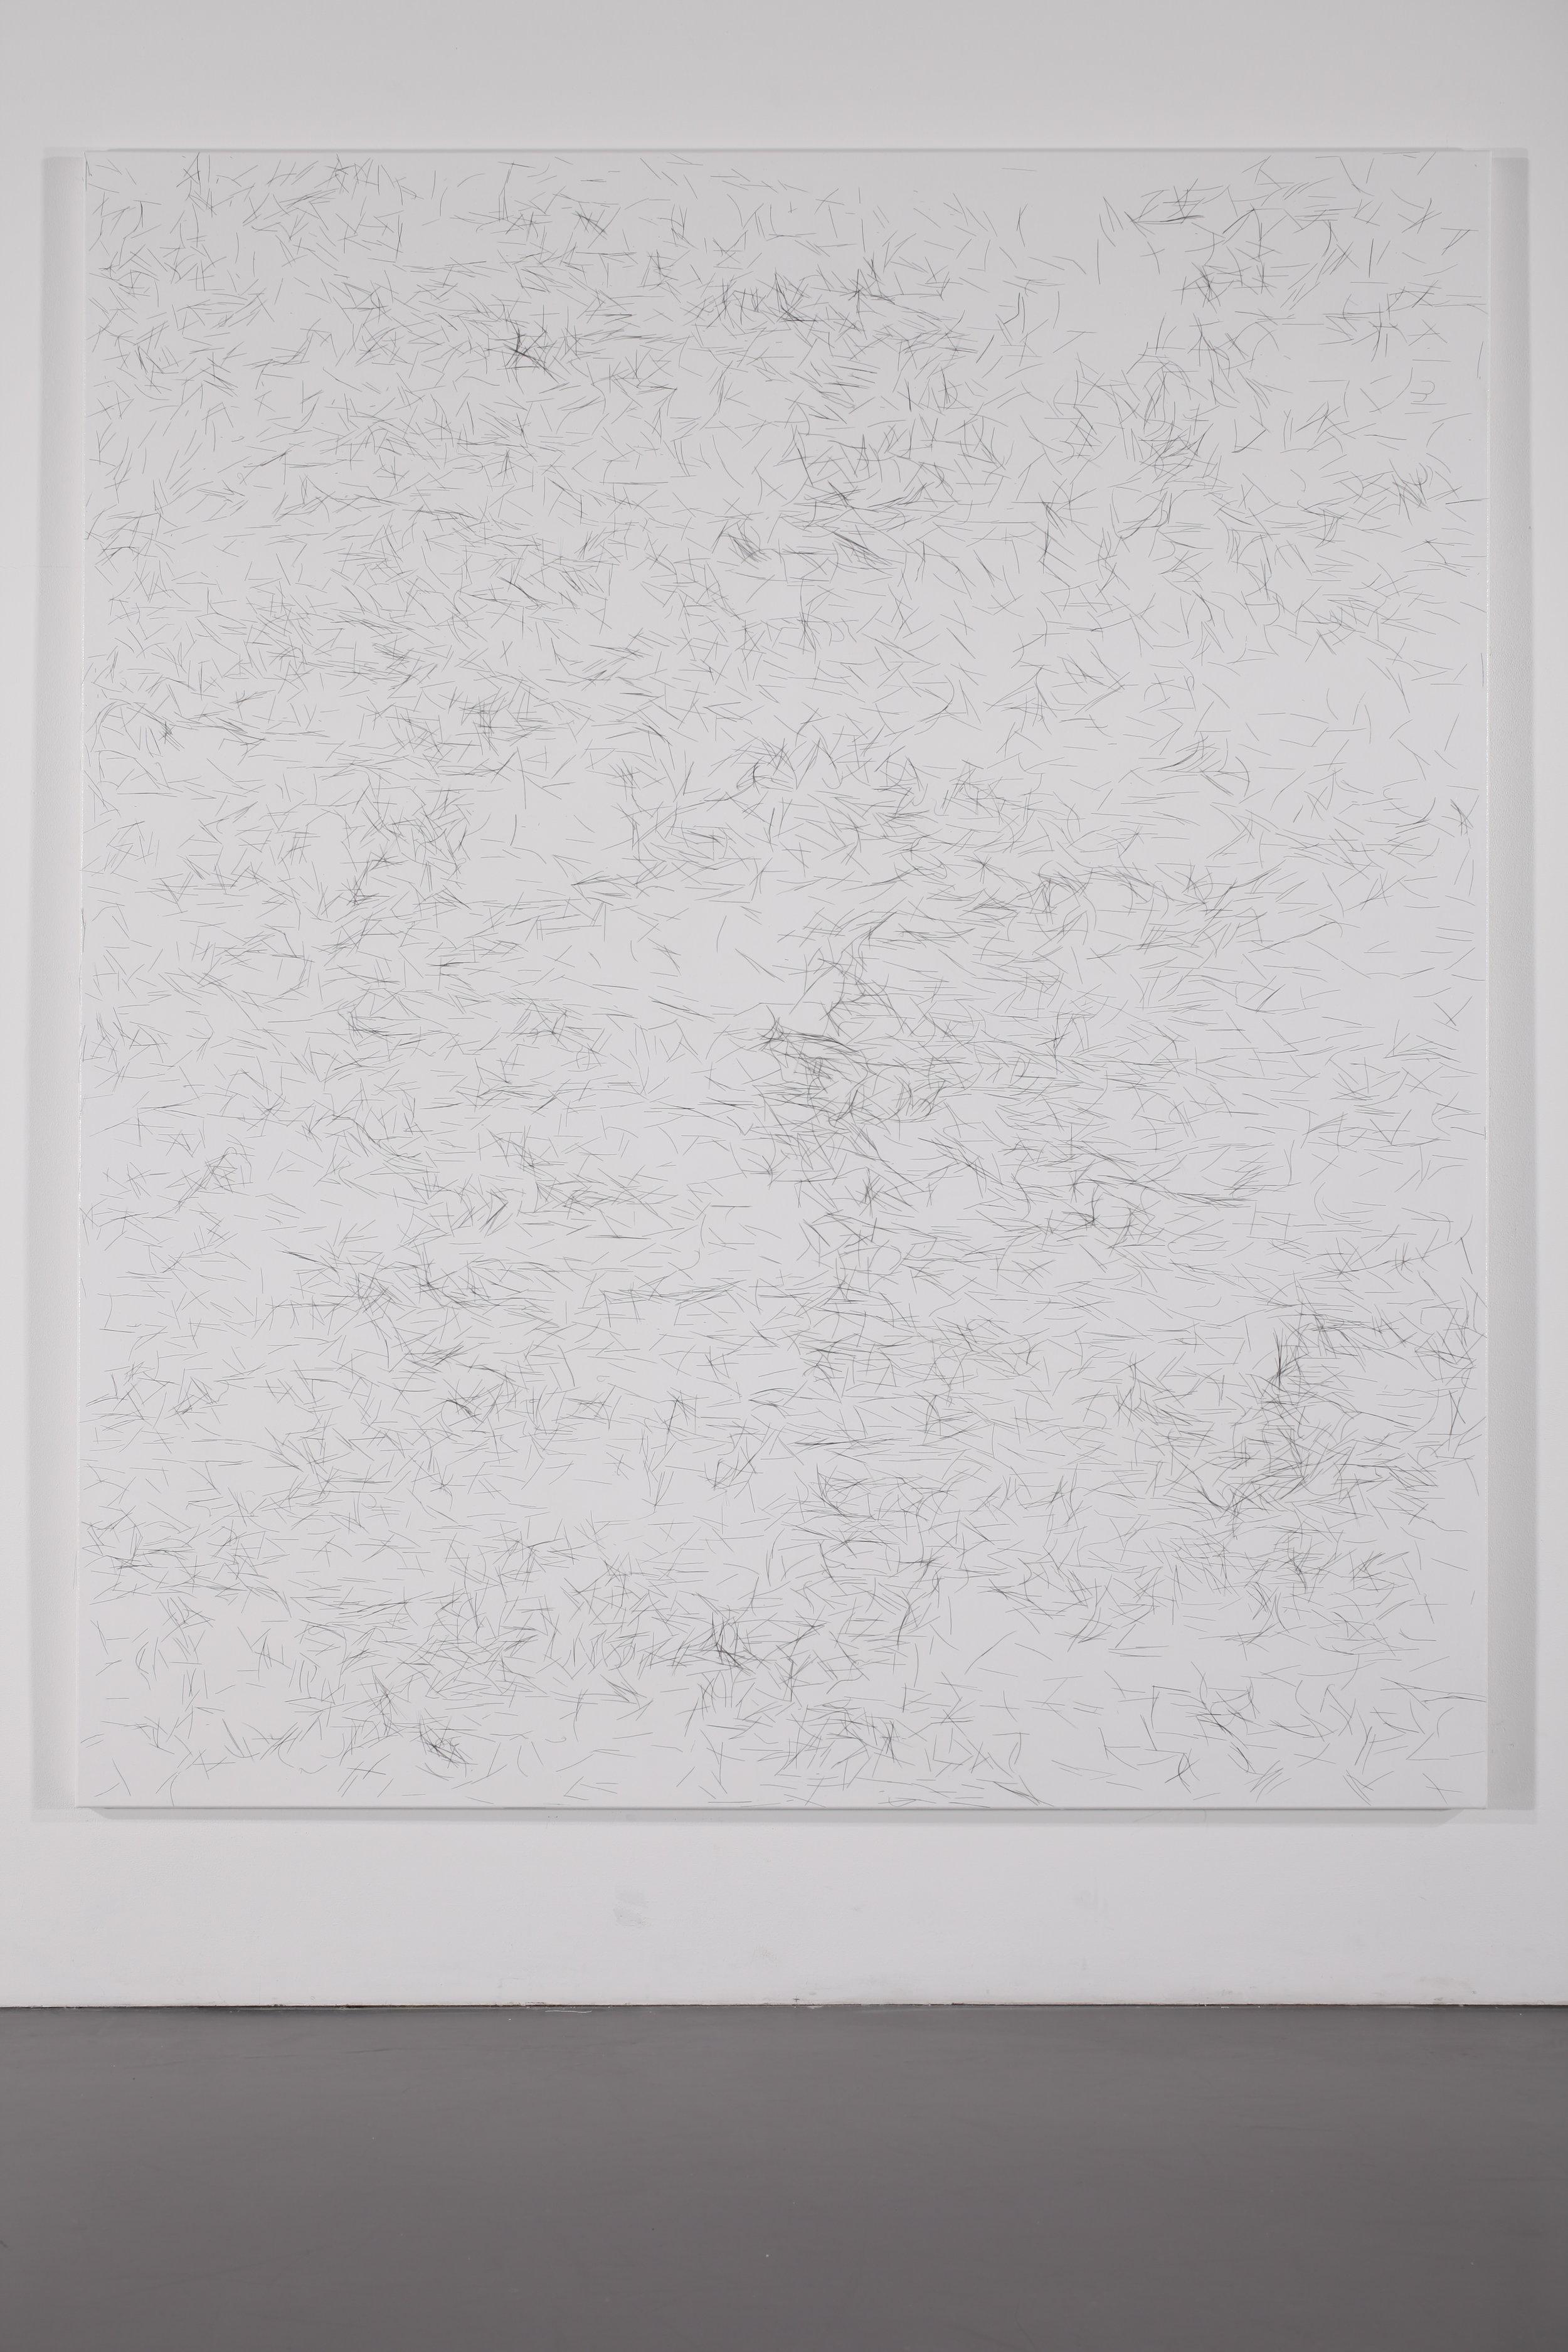 THE FOUNTAIN 3  2016 // 200cm x 170cm  acrylic on canvas